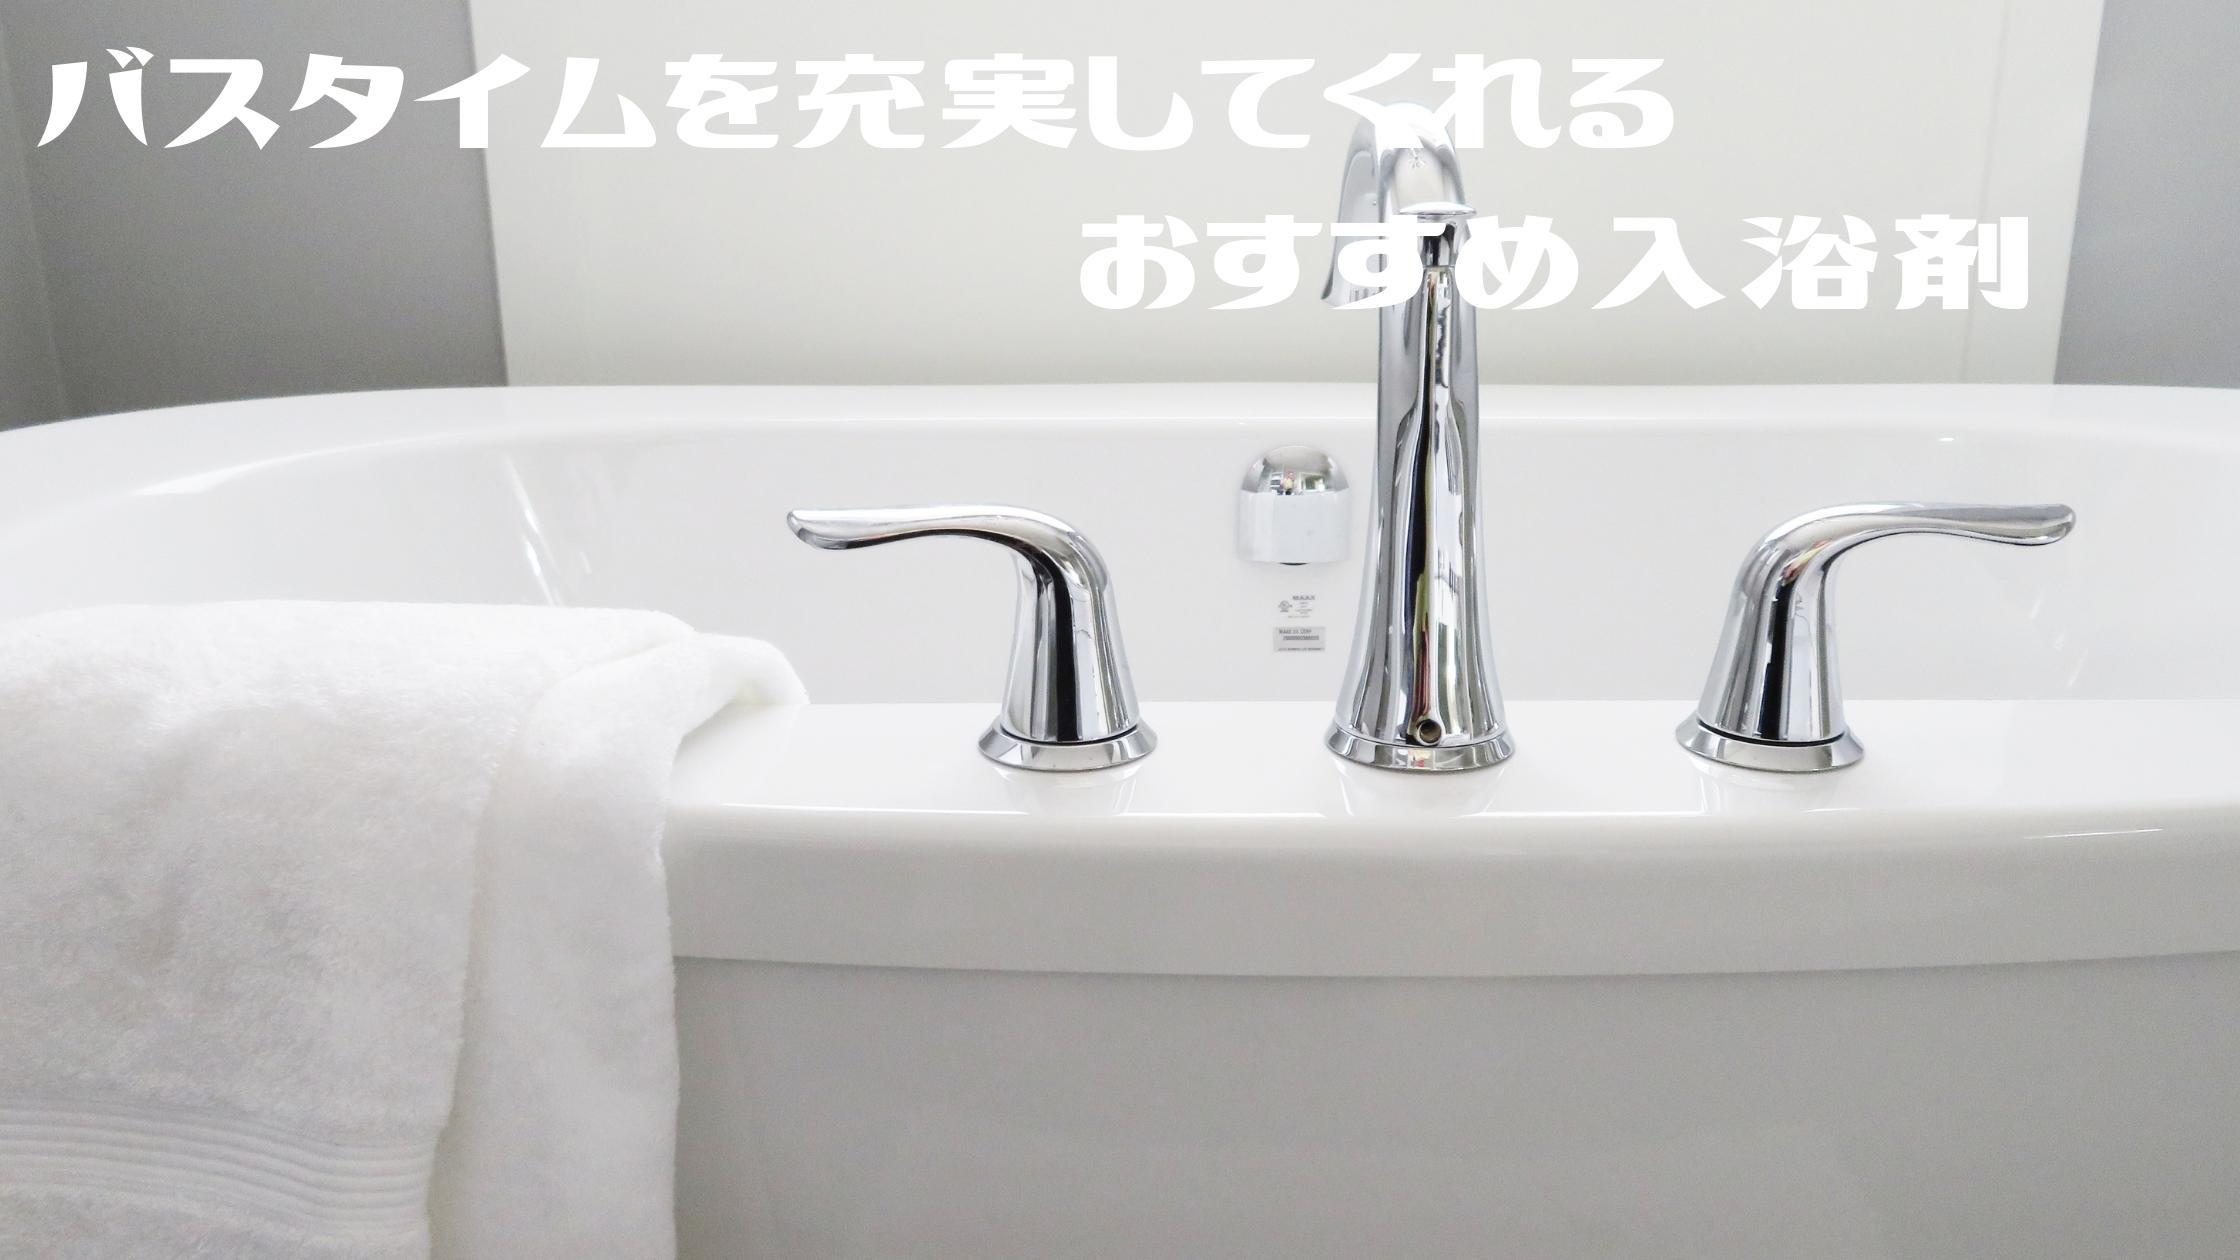 【王様のブランチ】お風呂のソムリエ厳選!からだもあたため美容効果もバッチリ【おすすめ入浴剤】